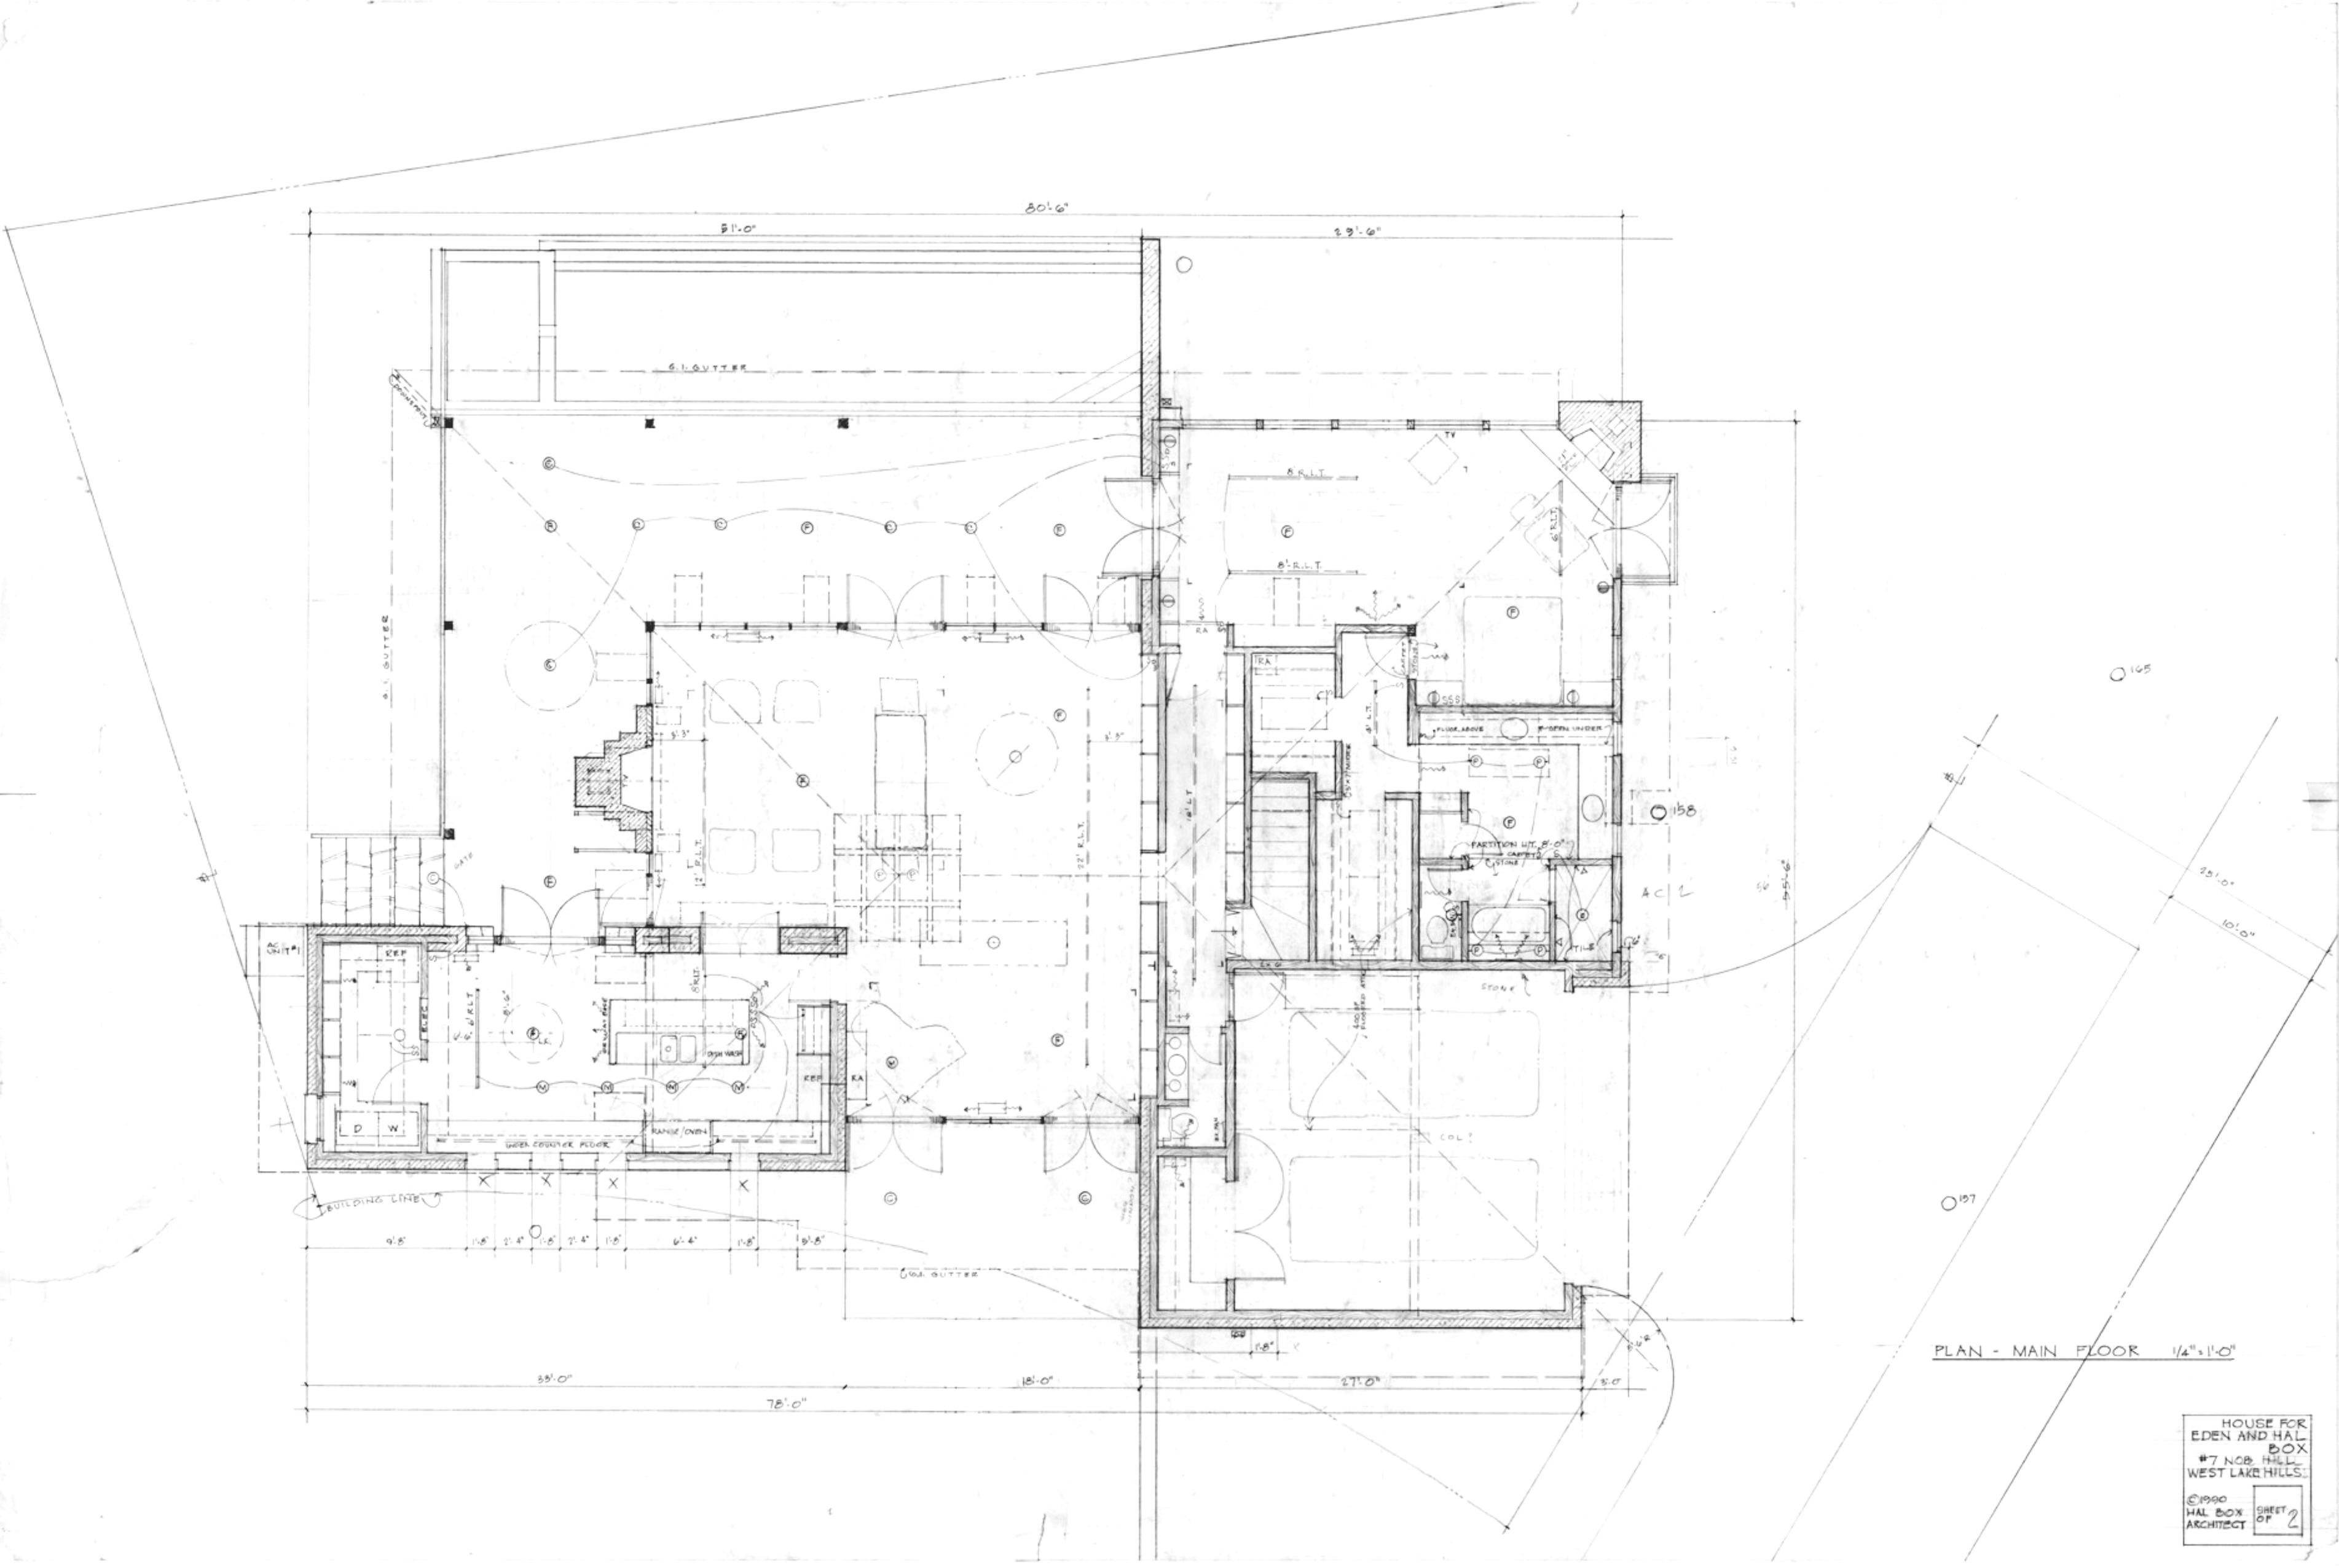 Рабочие чертежи второго варианта плана Дома на Ноб-Хилл, который не был осуществлен, 1991